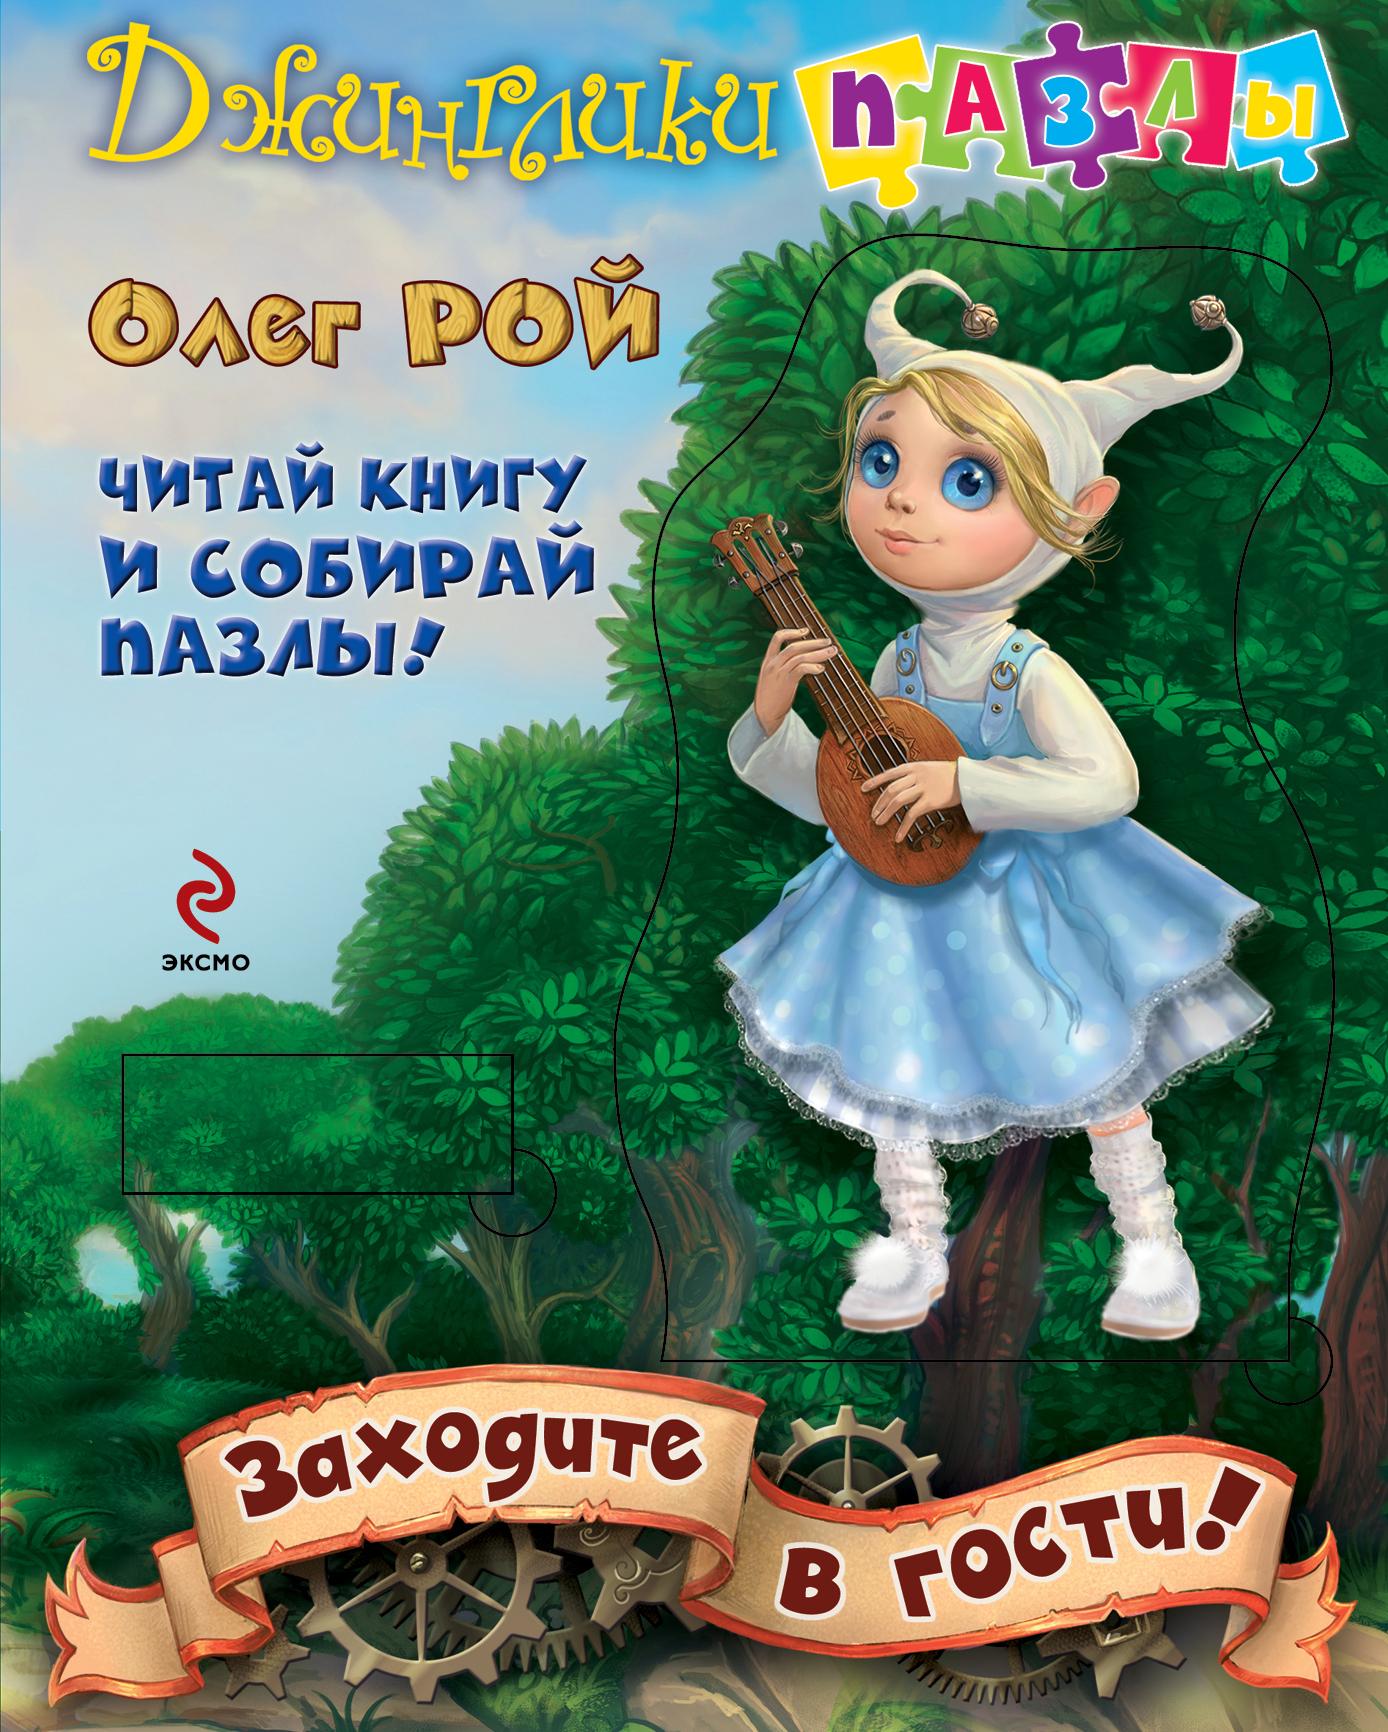 Рой О. Заходите в гости! ISBN: 978-5-699-67191-5